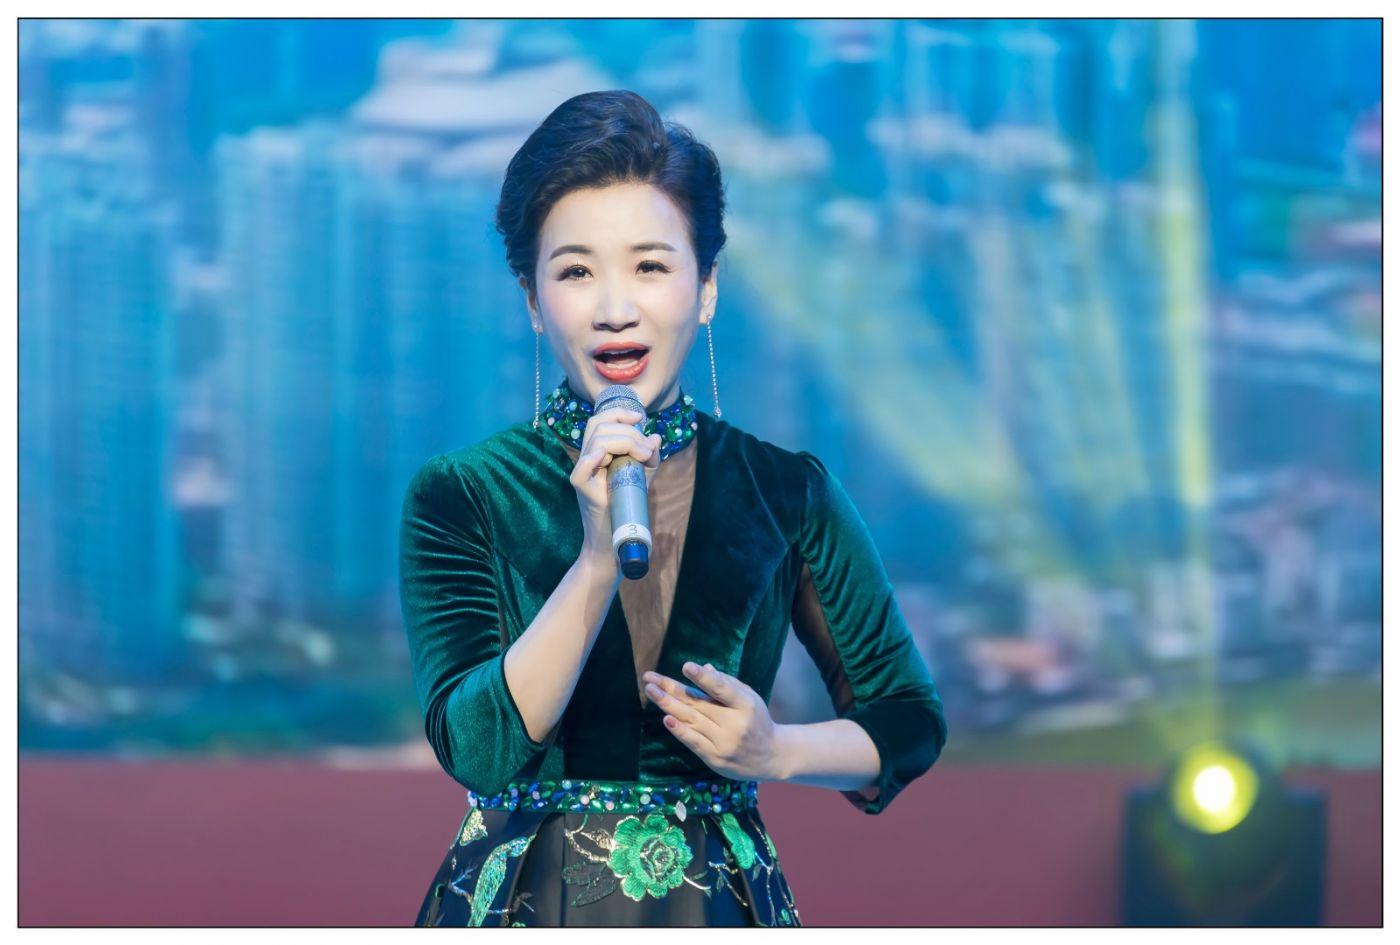 又见星光大道冠军歌手张海军 1月26央视播出 将自己唱哭的歌手 ..._图1-23